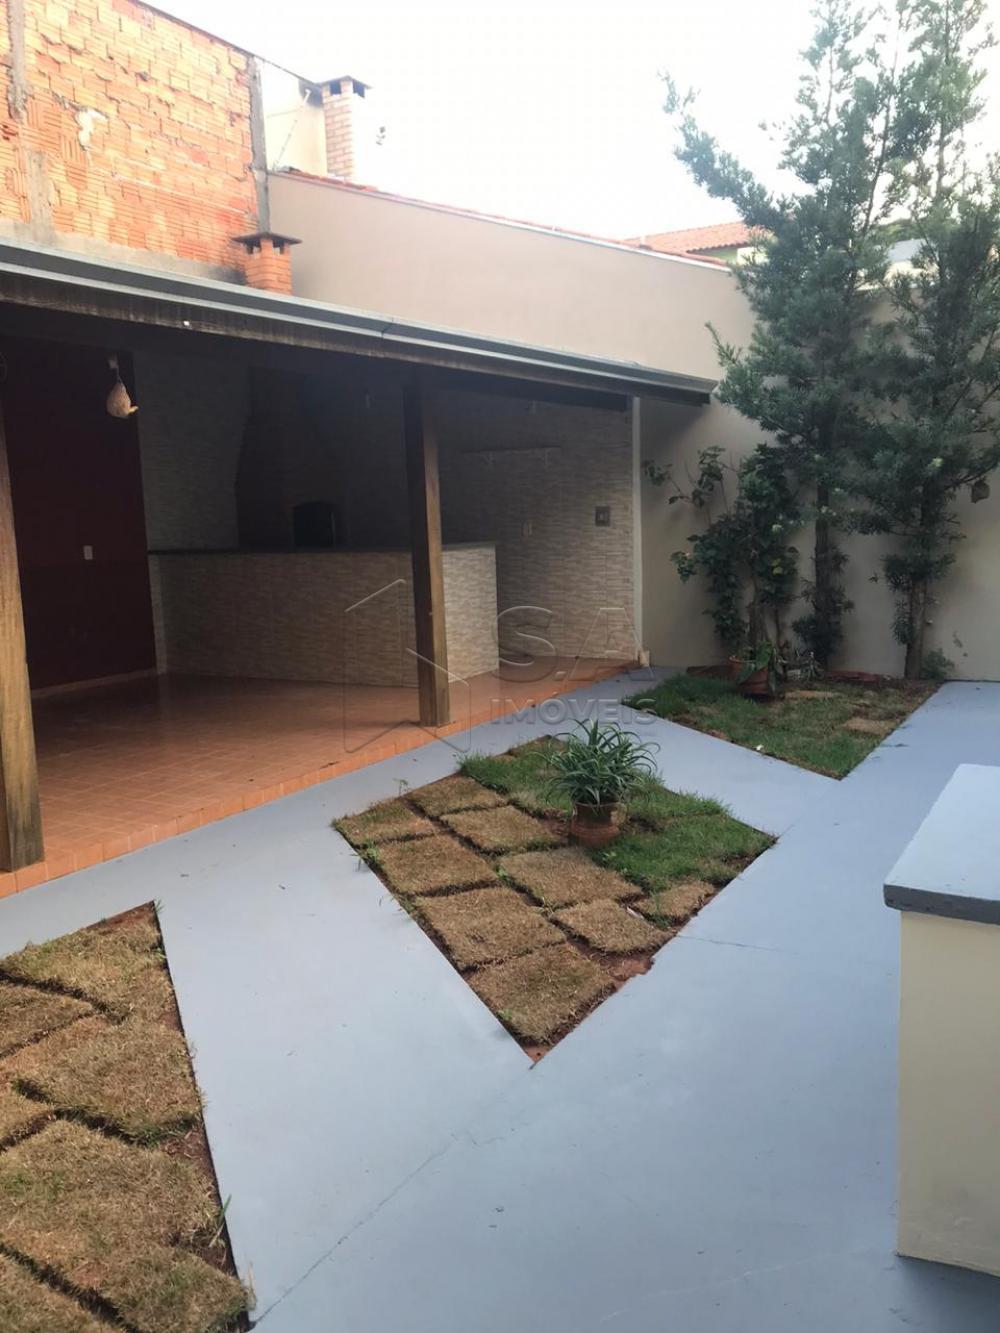 Comprar Casa / Padrão em Botucatu apenas R$ 470.000,00 - Foto 19